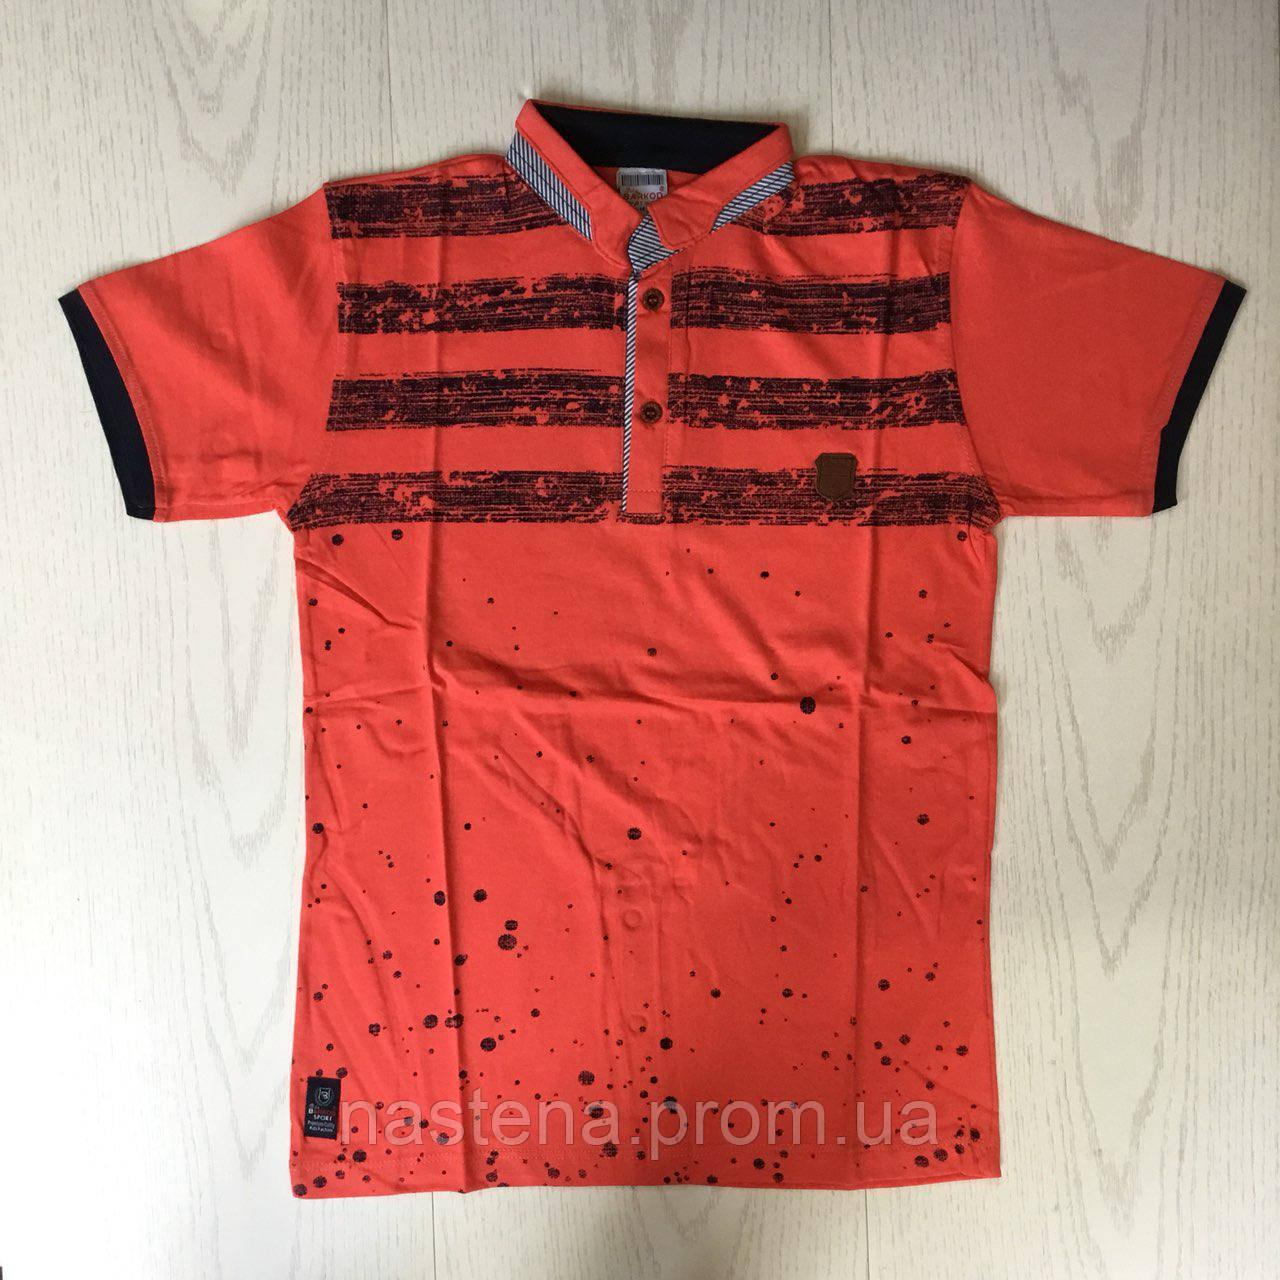 Детская футболка для мальчиков от 5 до 8 лет  продажа 11d0ff42756bf